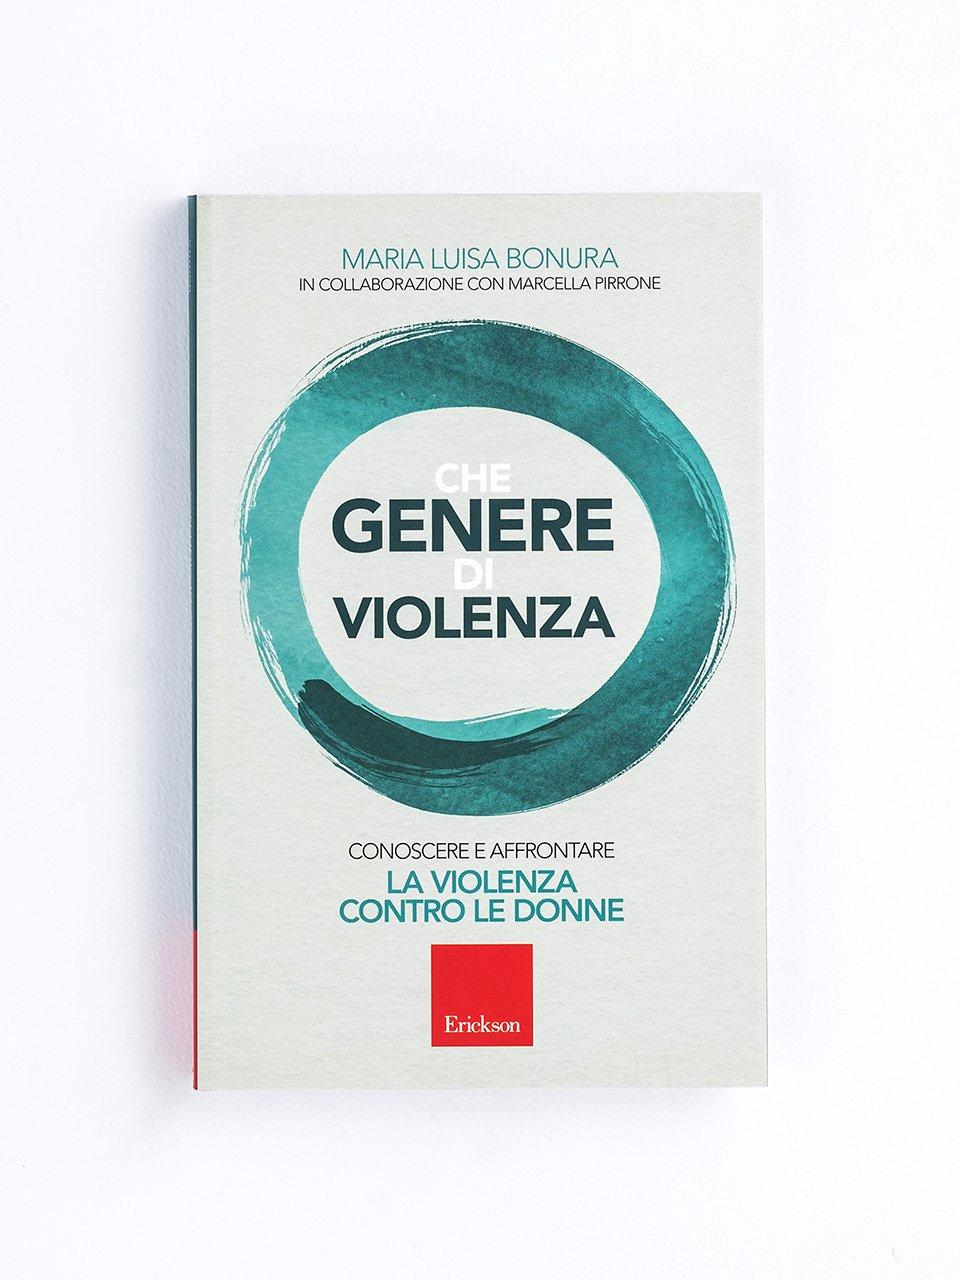 Che genere di violenza - Libri - Erickson